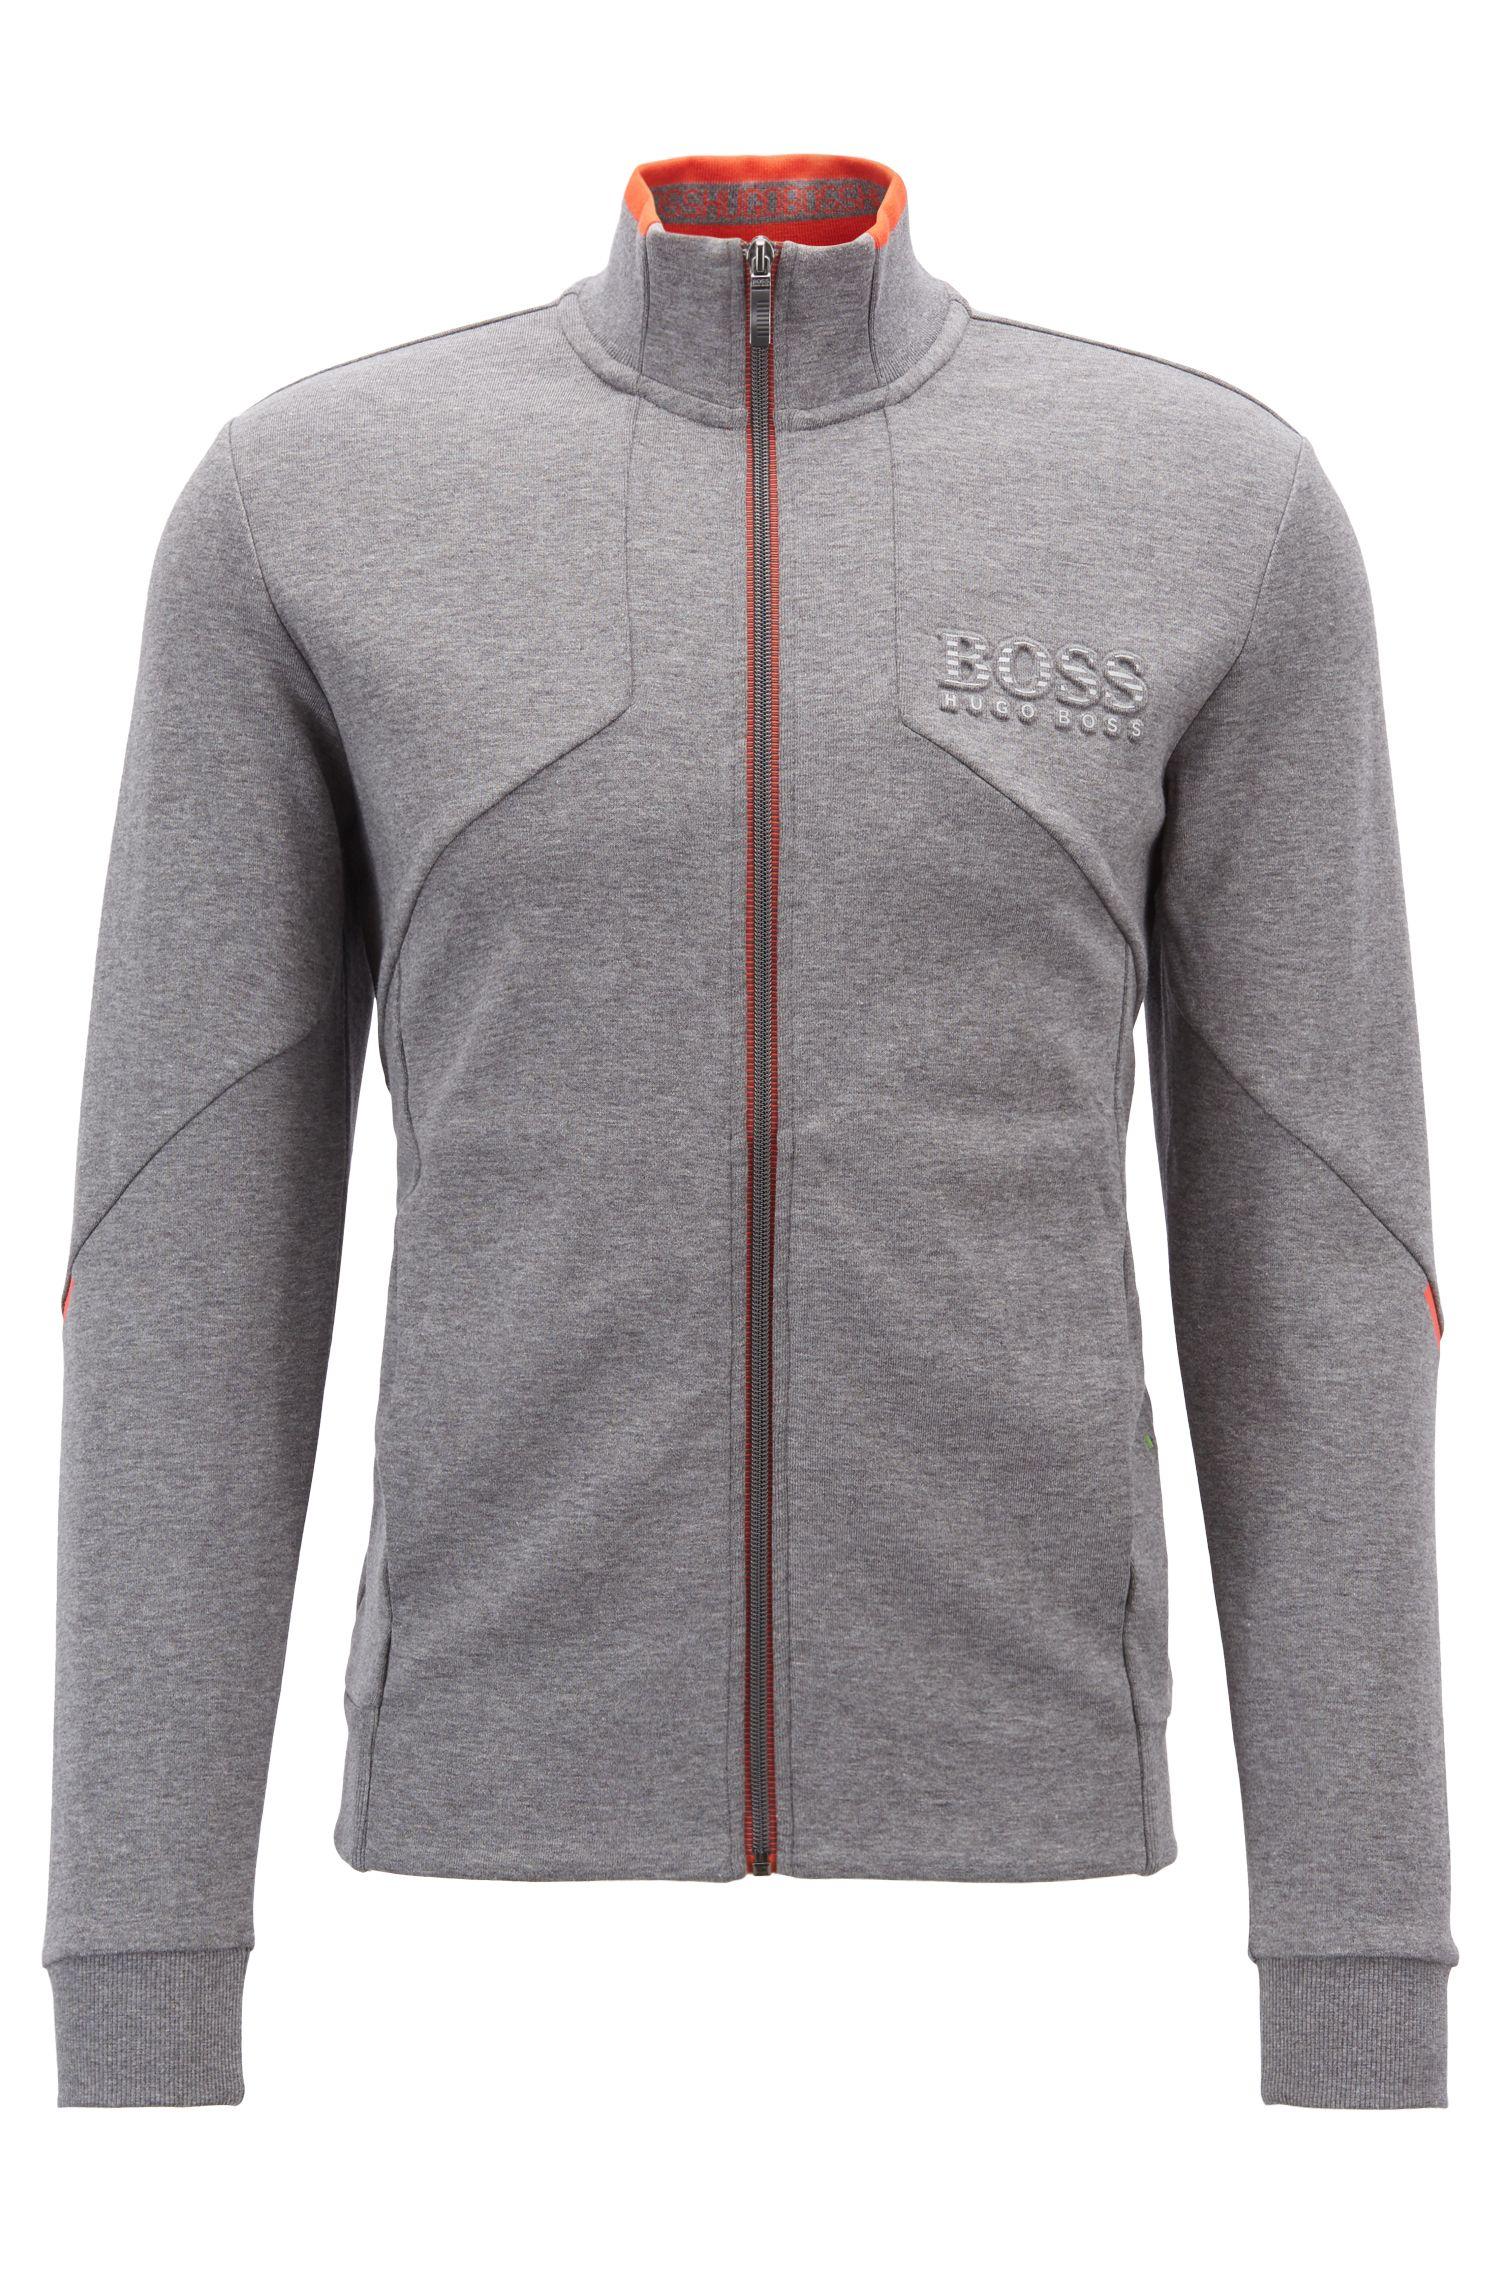 Sweatjacke aus Baumwoll-Mix mit Reißverschluss und reflektierenden Details, Grau